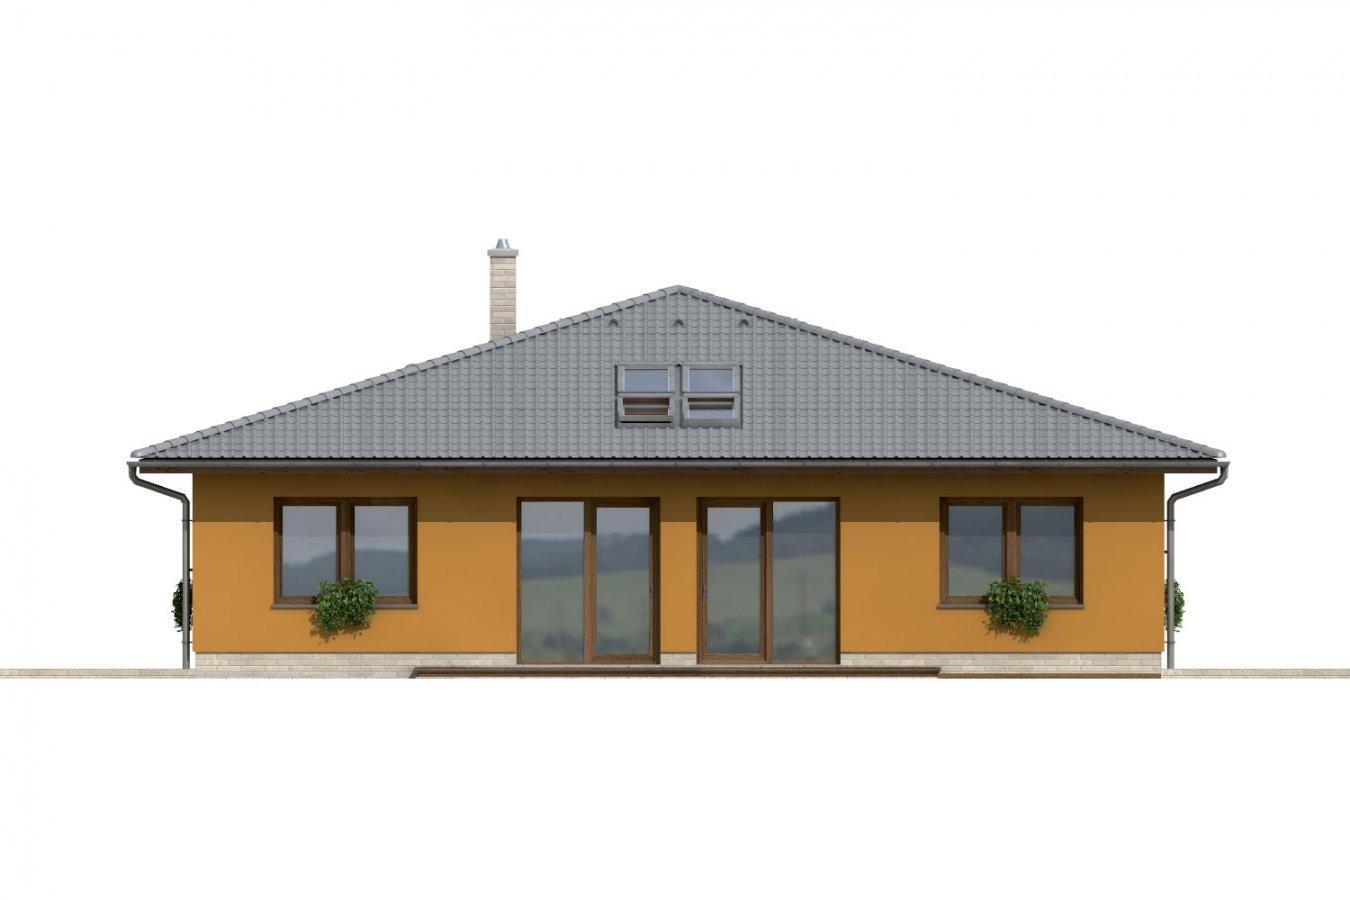 Pohľad 3. - Dom so stanovou strechou a presvetlenou obývacou izbou so strešnými oknami.